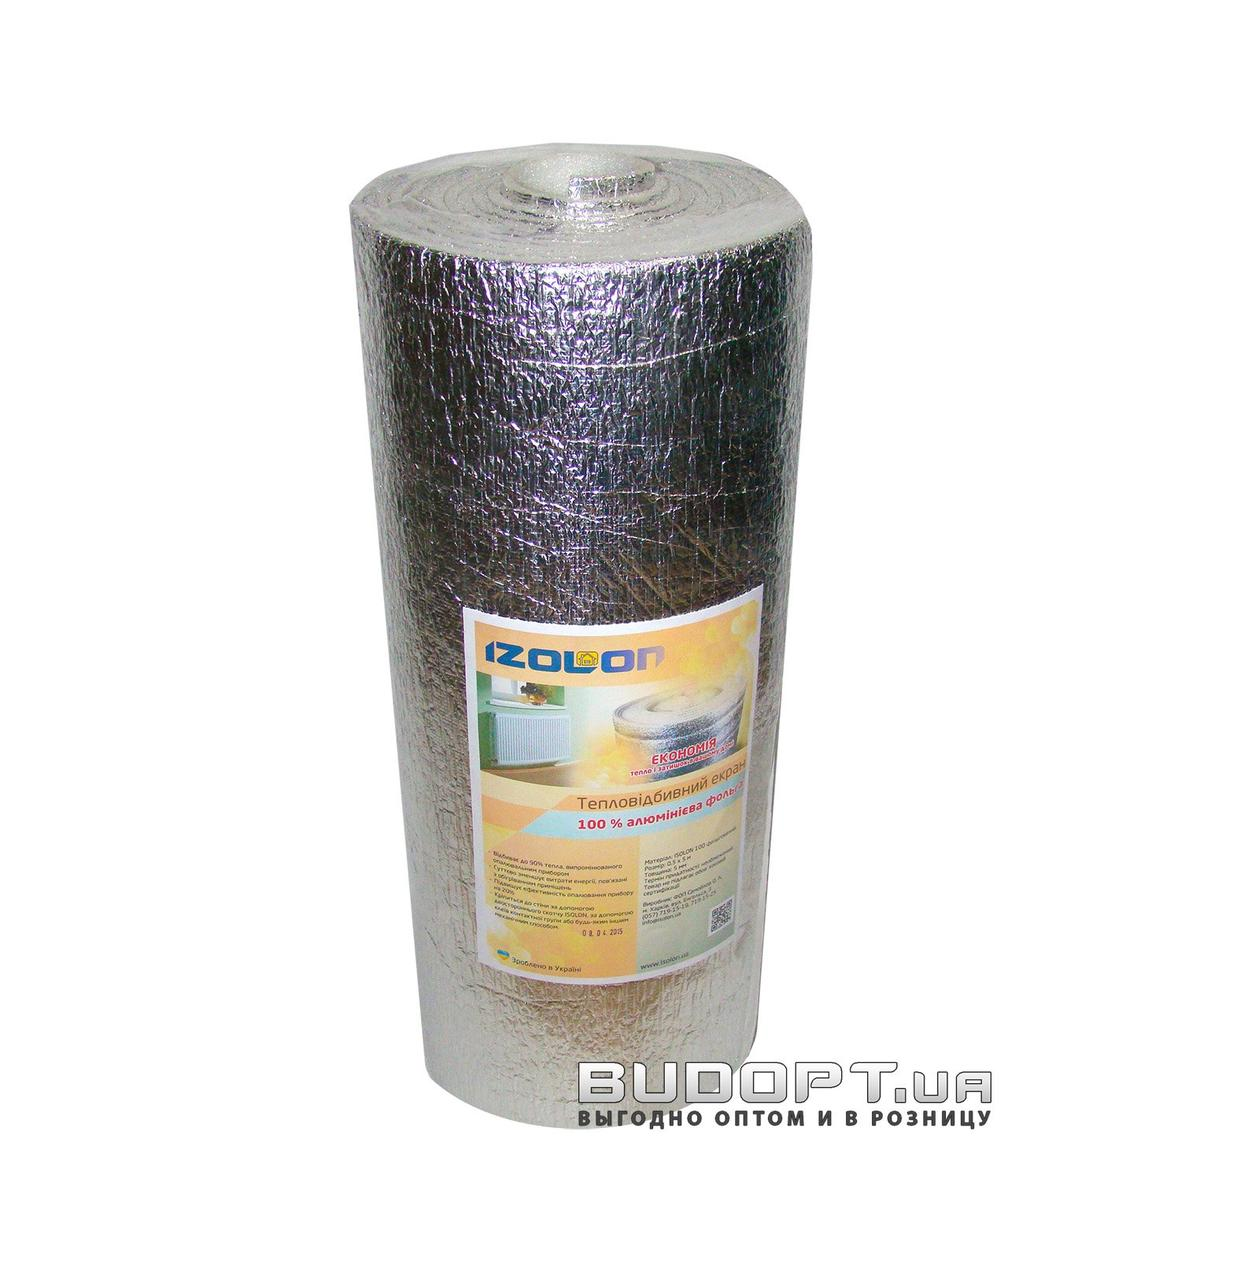 Фольгированный утеплитель, теплоотражающий экран за радиатор отопления (батарею) 45см х 5м х 5мм - FitUp (ФитАп) - Интрнет Магазин в Киеве